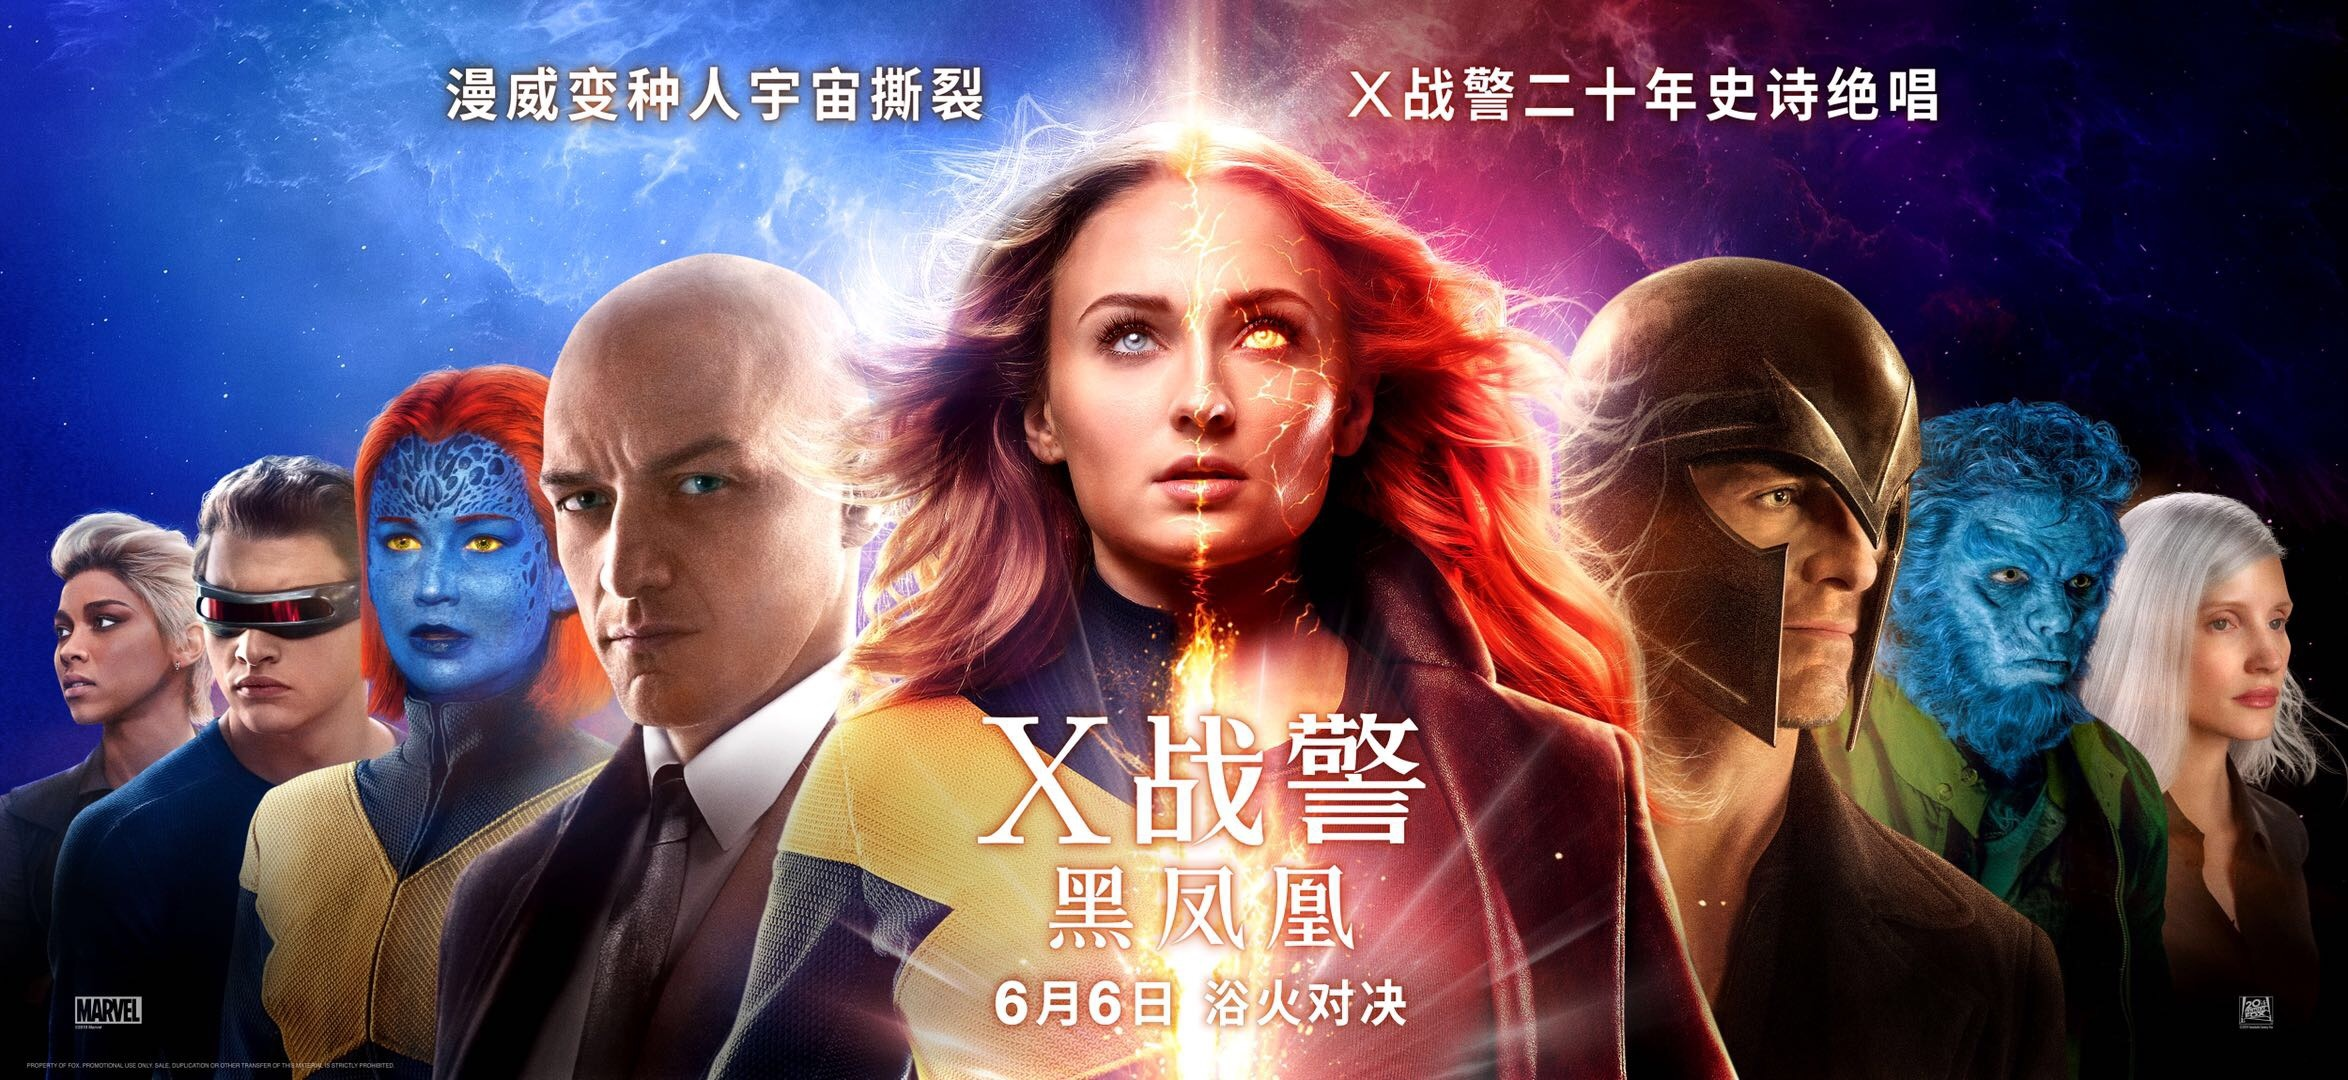 《X战警:黑凤凰》曝新片段 神秘外星人蛊惑凤凰